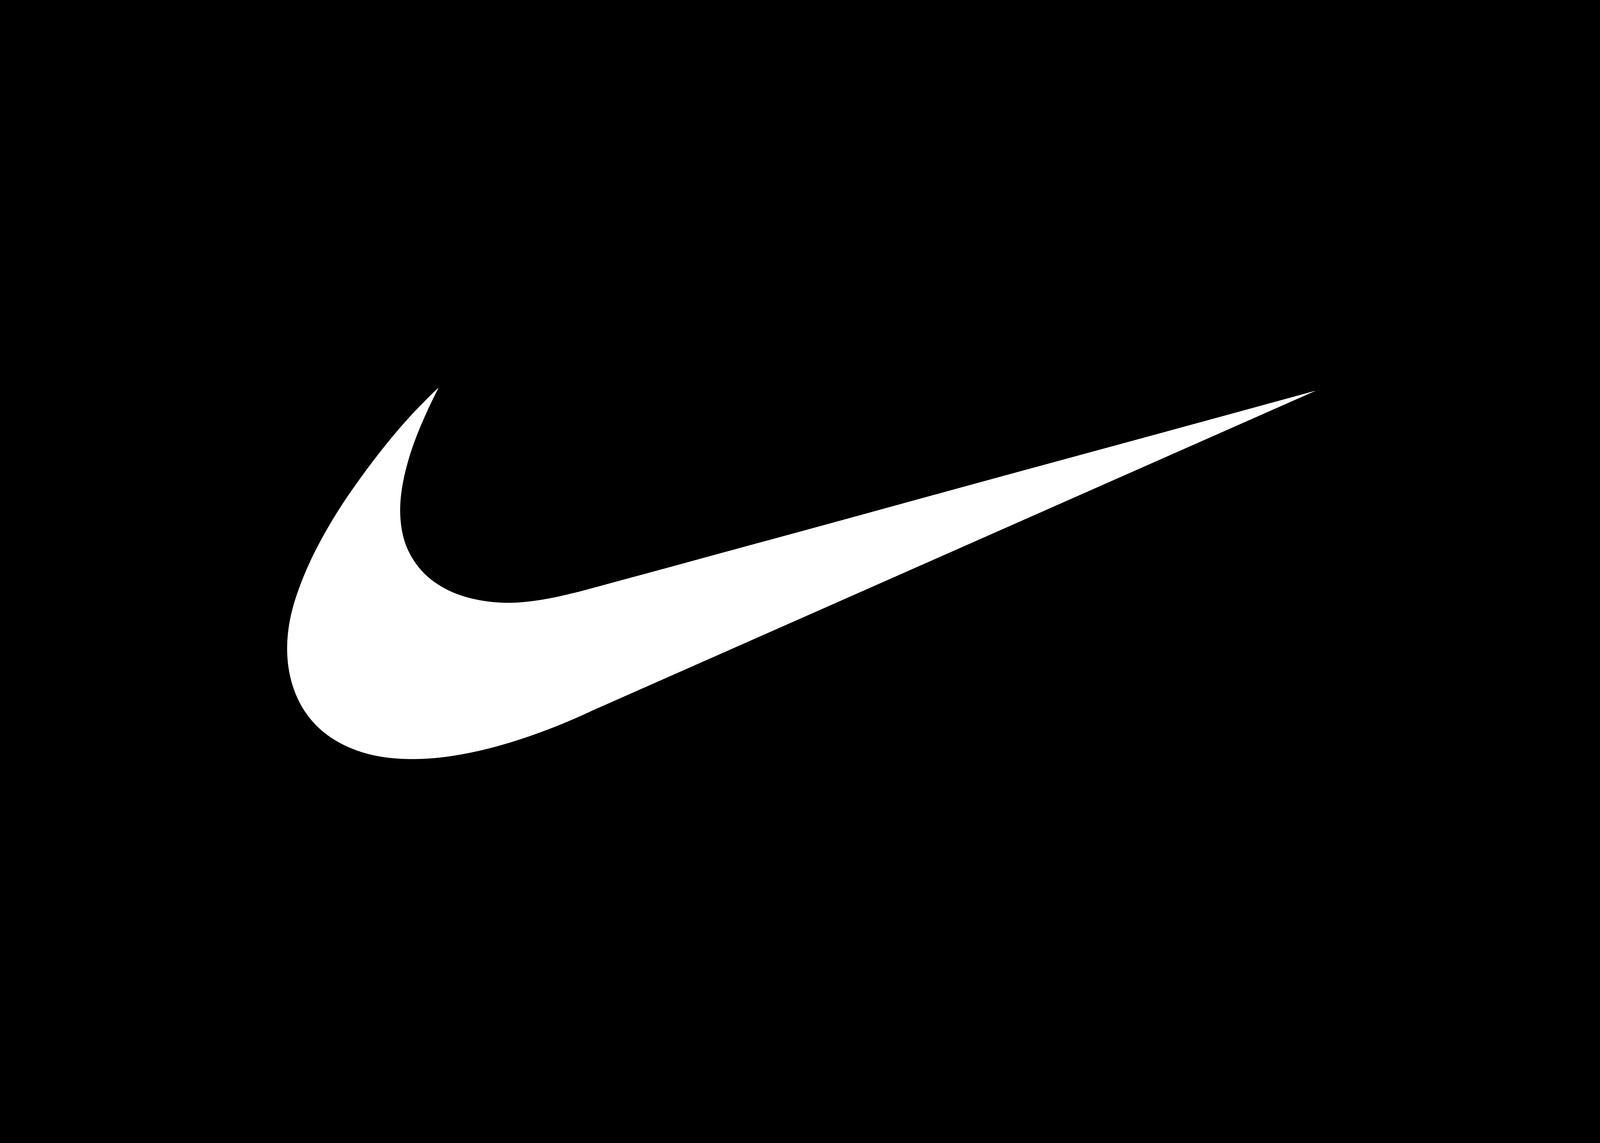 Nike white swoosh logo on black background.